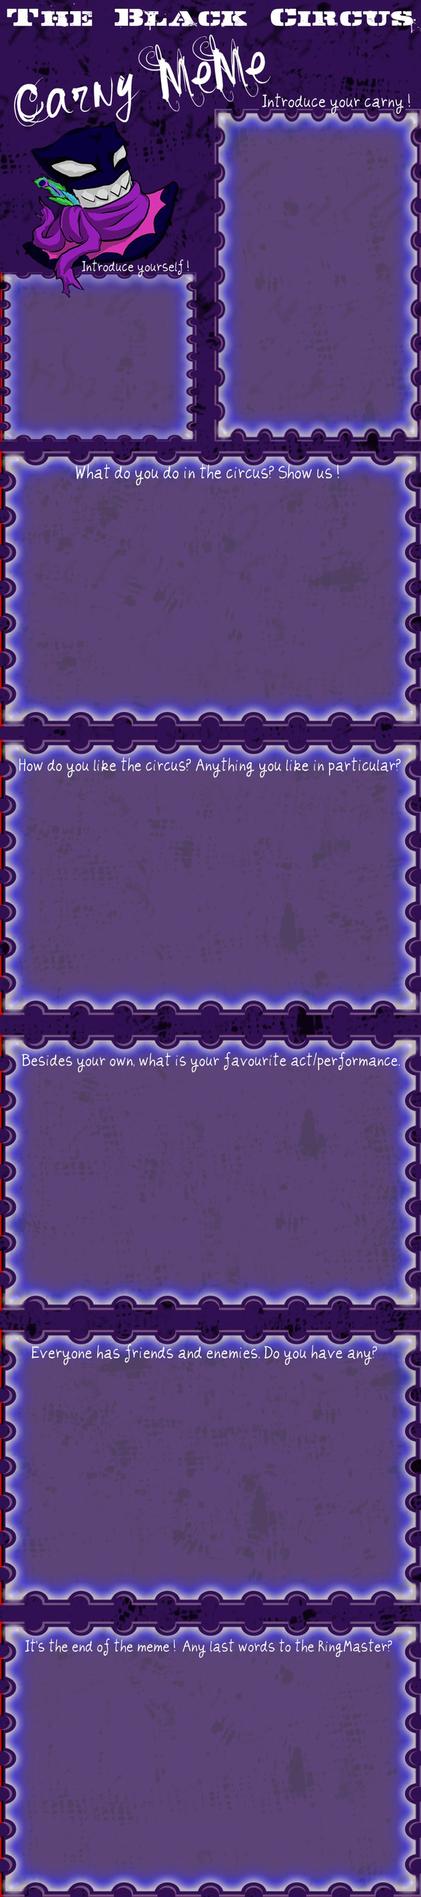 Introduce Your Carny! (blank) by 110animegirl